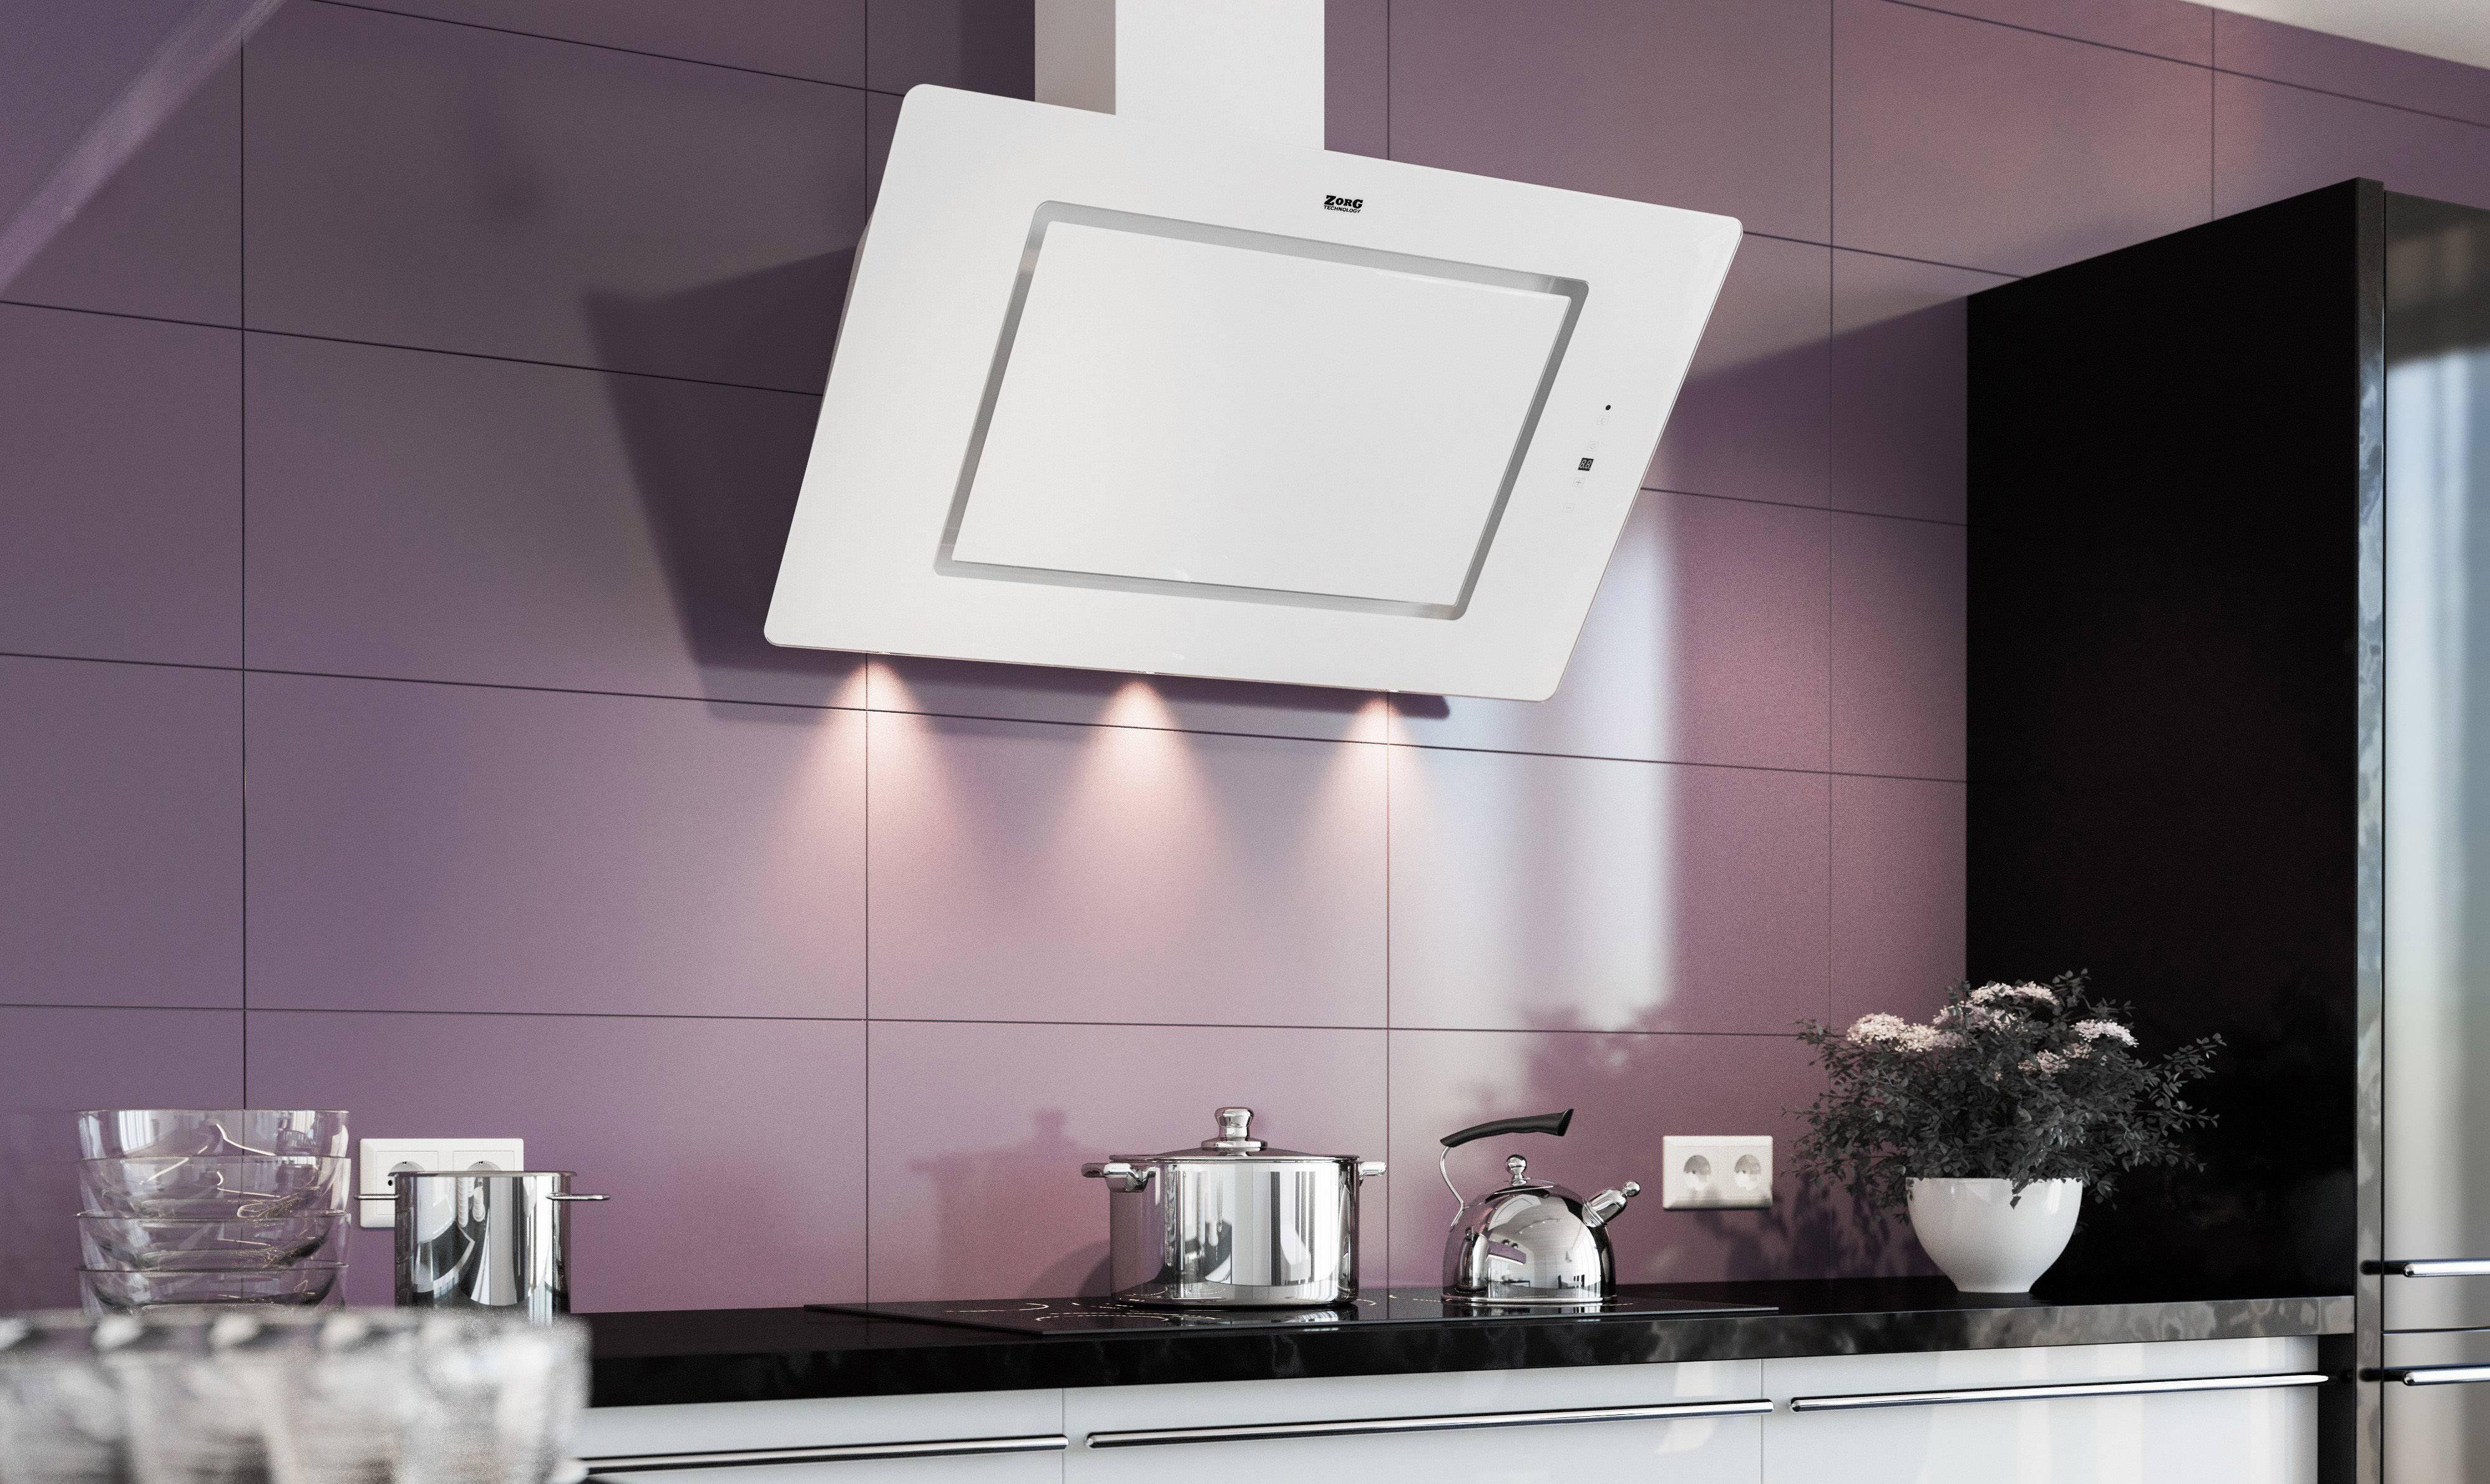 Выбираем вытяжку на кухню 60 см и не ошибаемся! подробная инструкция для покупателей